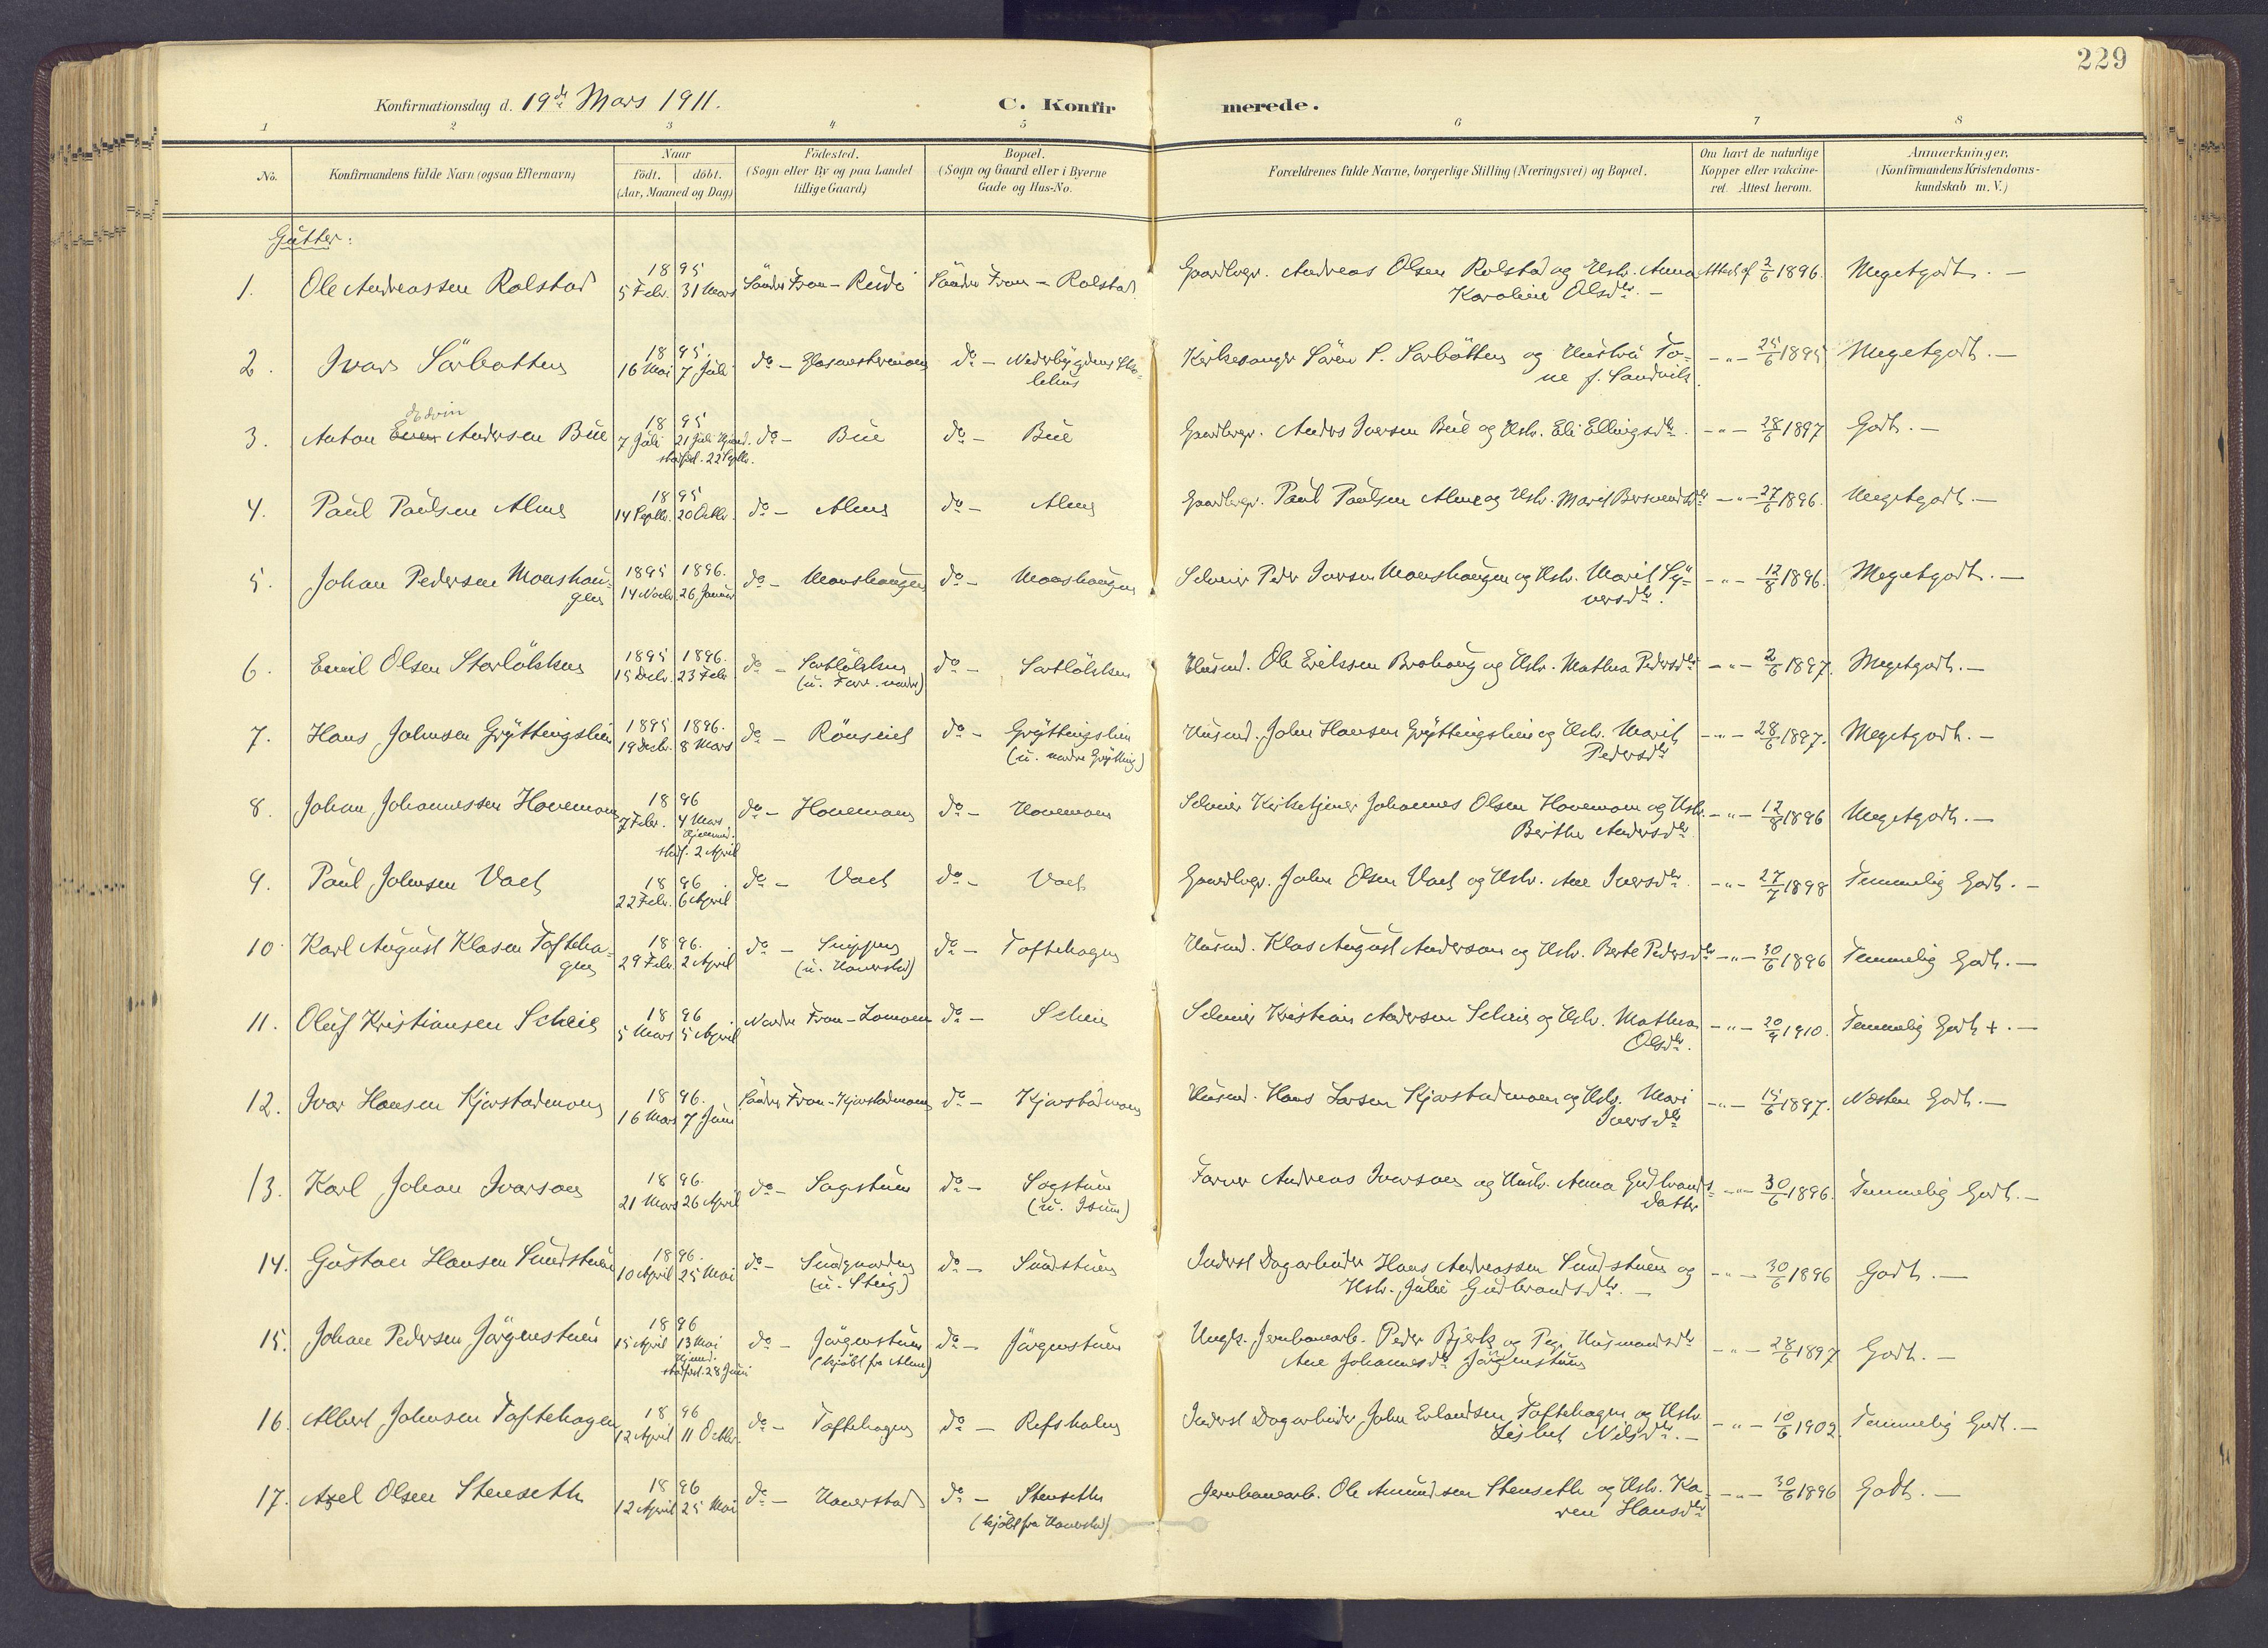 SAH, Sør-Fron prestekontor, H/Ha/Haa/L0004: Ministerialbok nr. 4, 1898-1919, s. 229